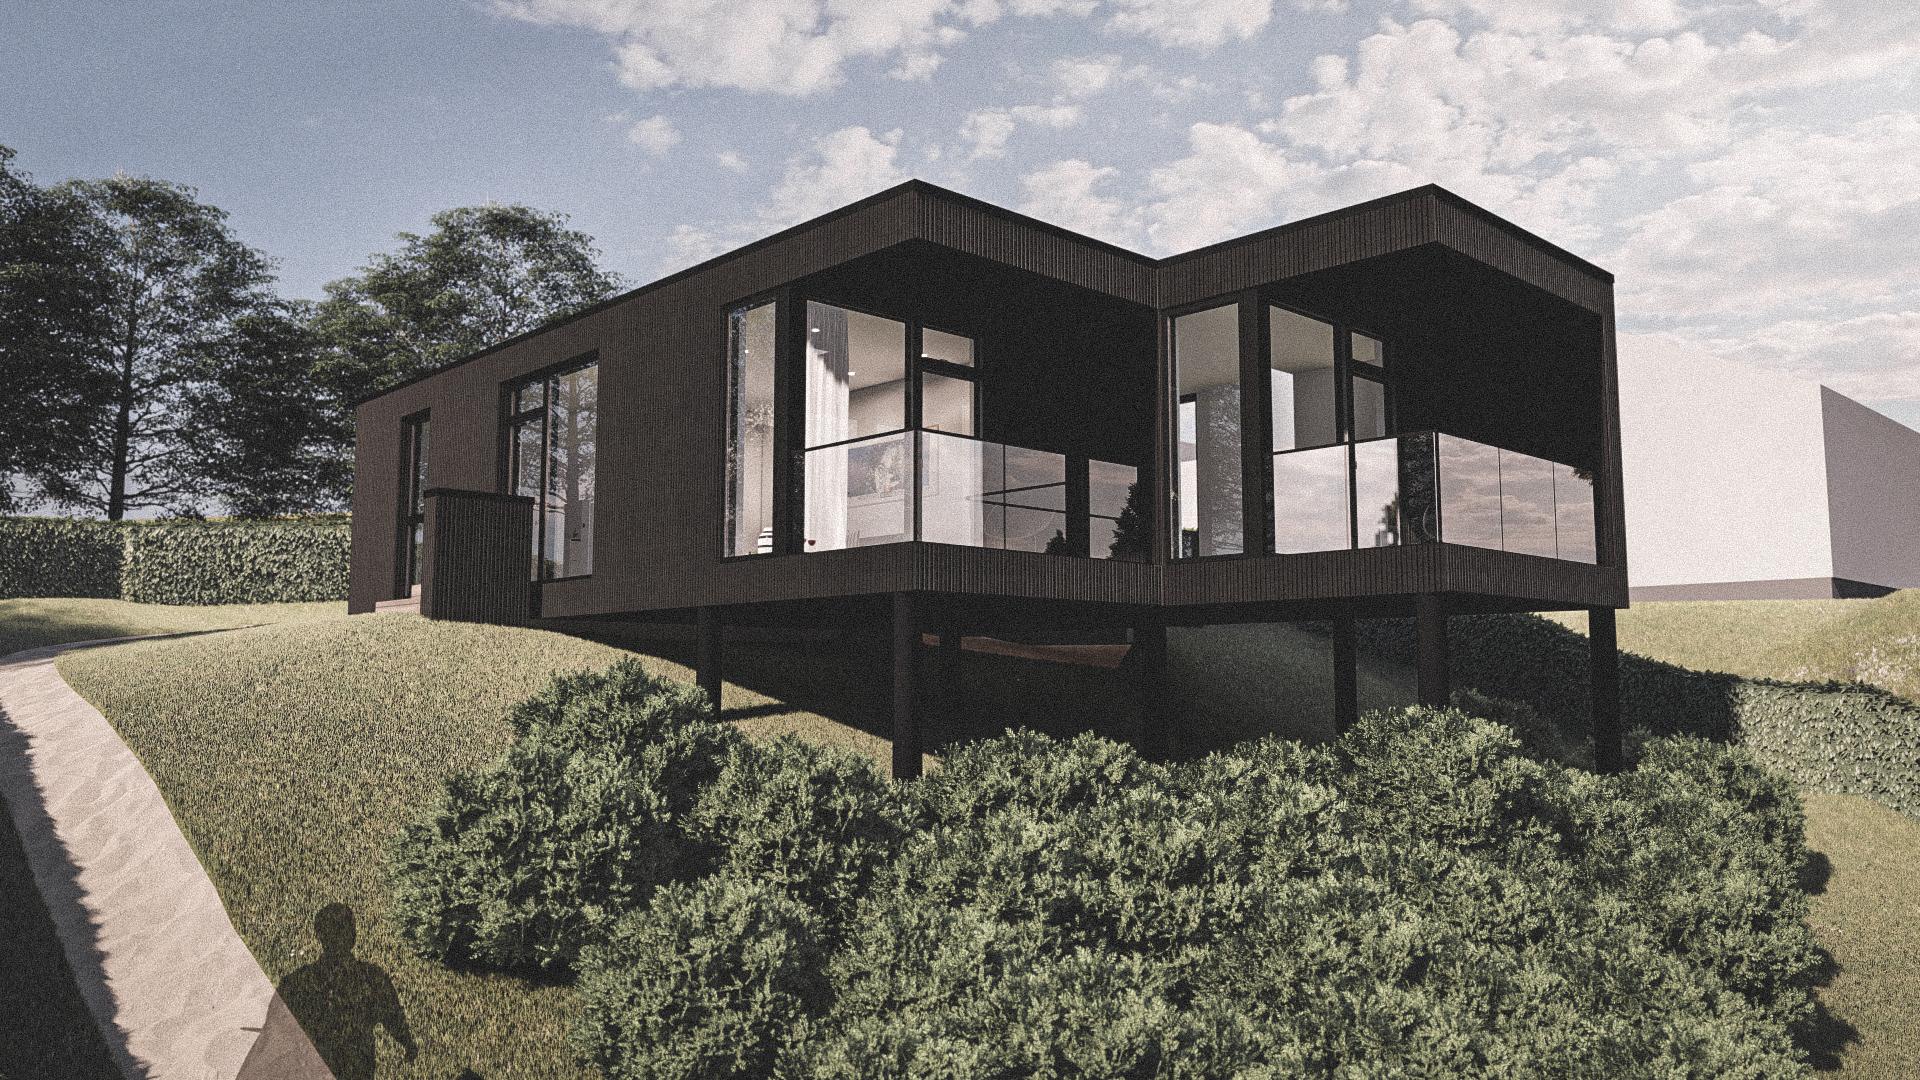 Billede af Dansk arkitekttegnet 1 plan villa af arkitektfirmaet m2plus, i Helsingør på 80 kvartratmeter.